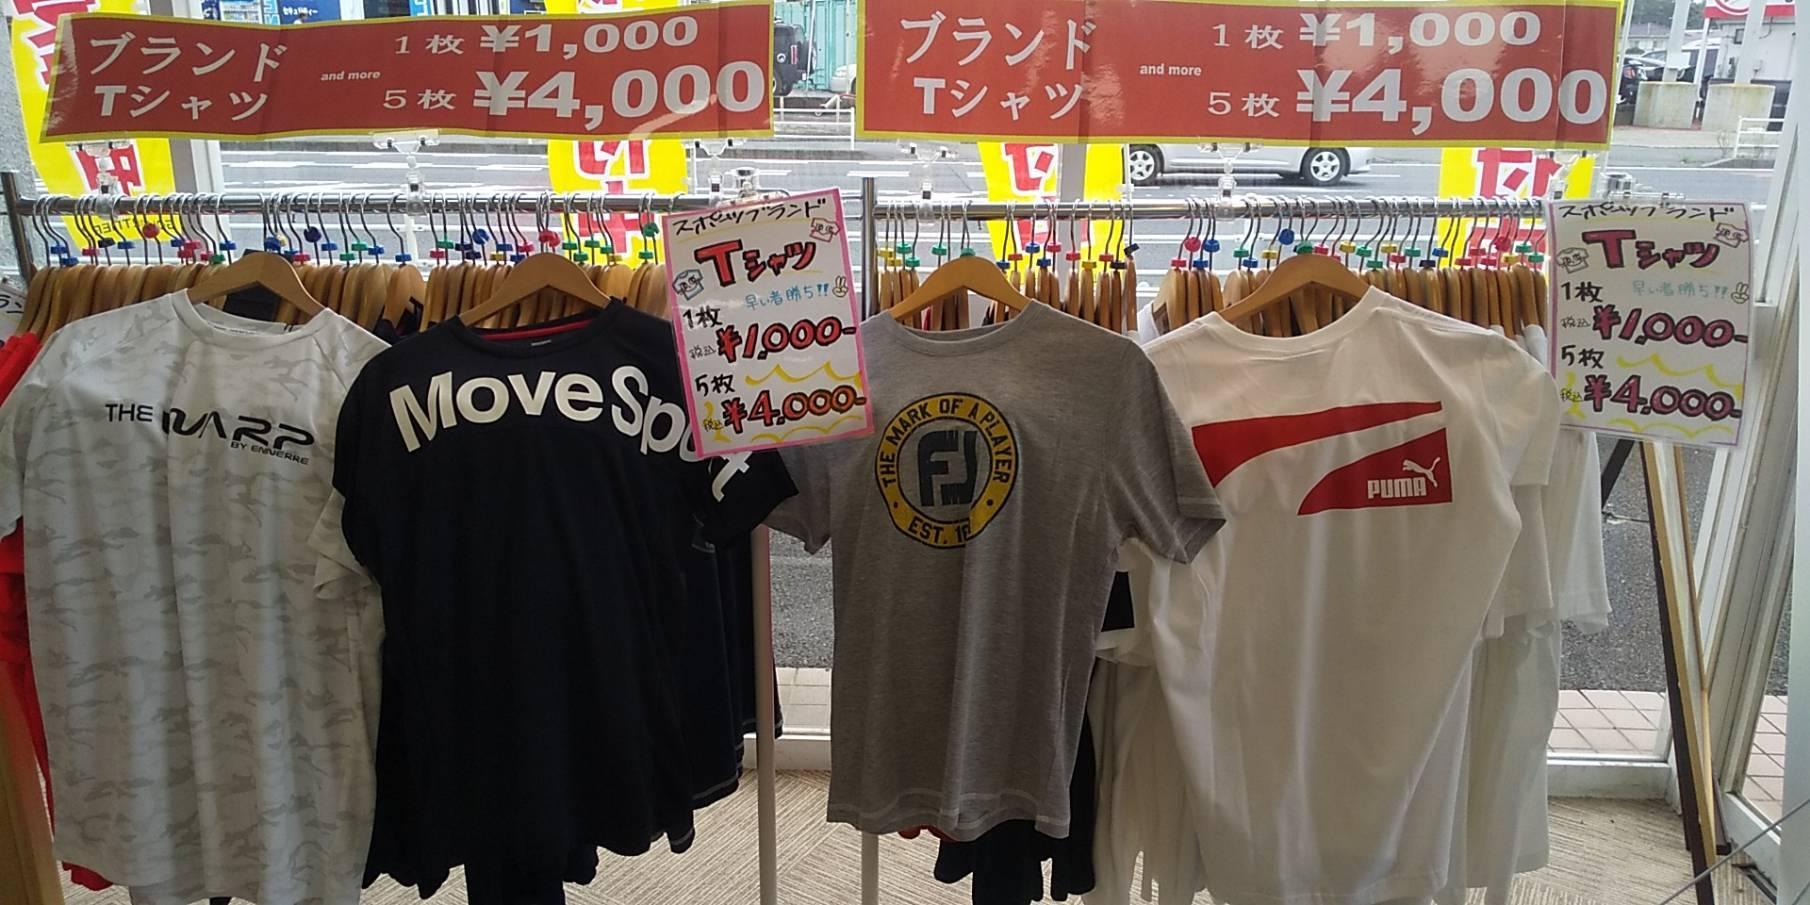 早い者勝ち!!大特価ブランドTシャツ